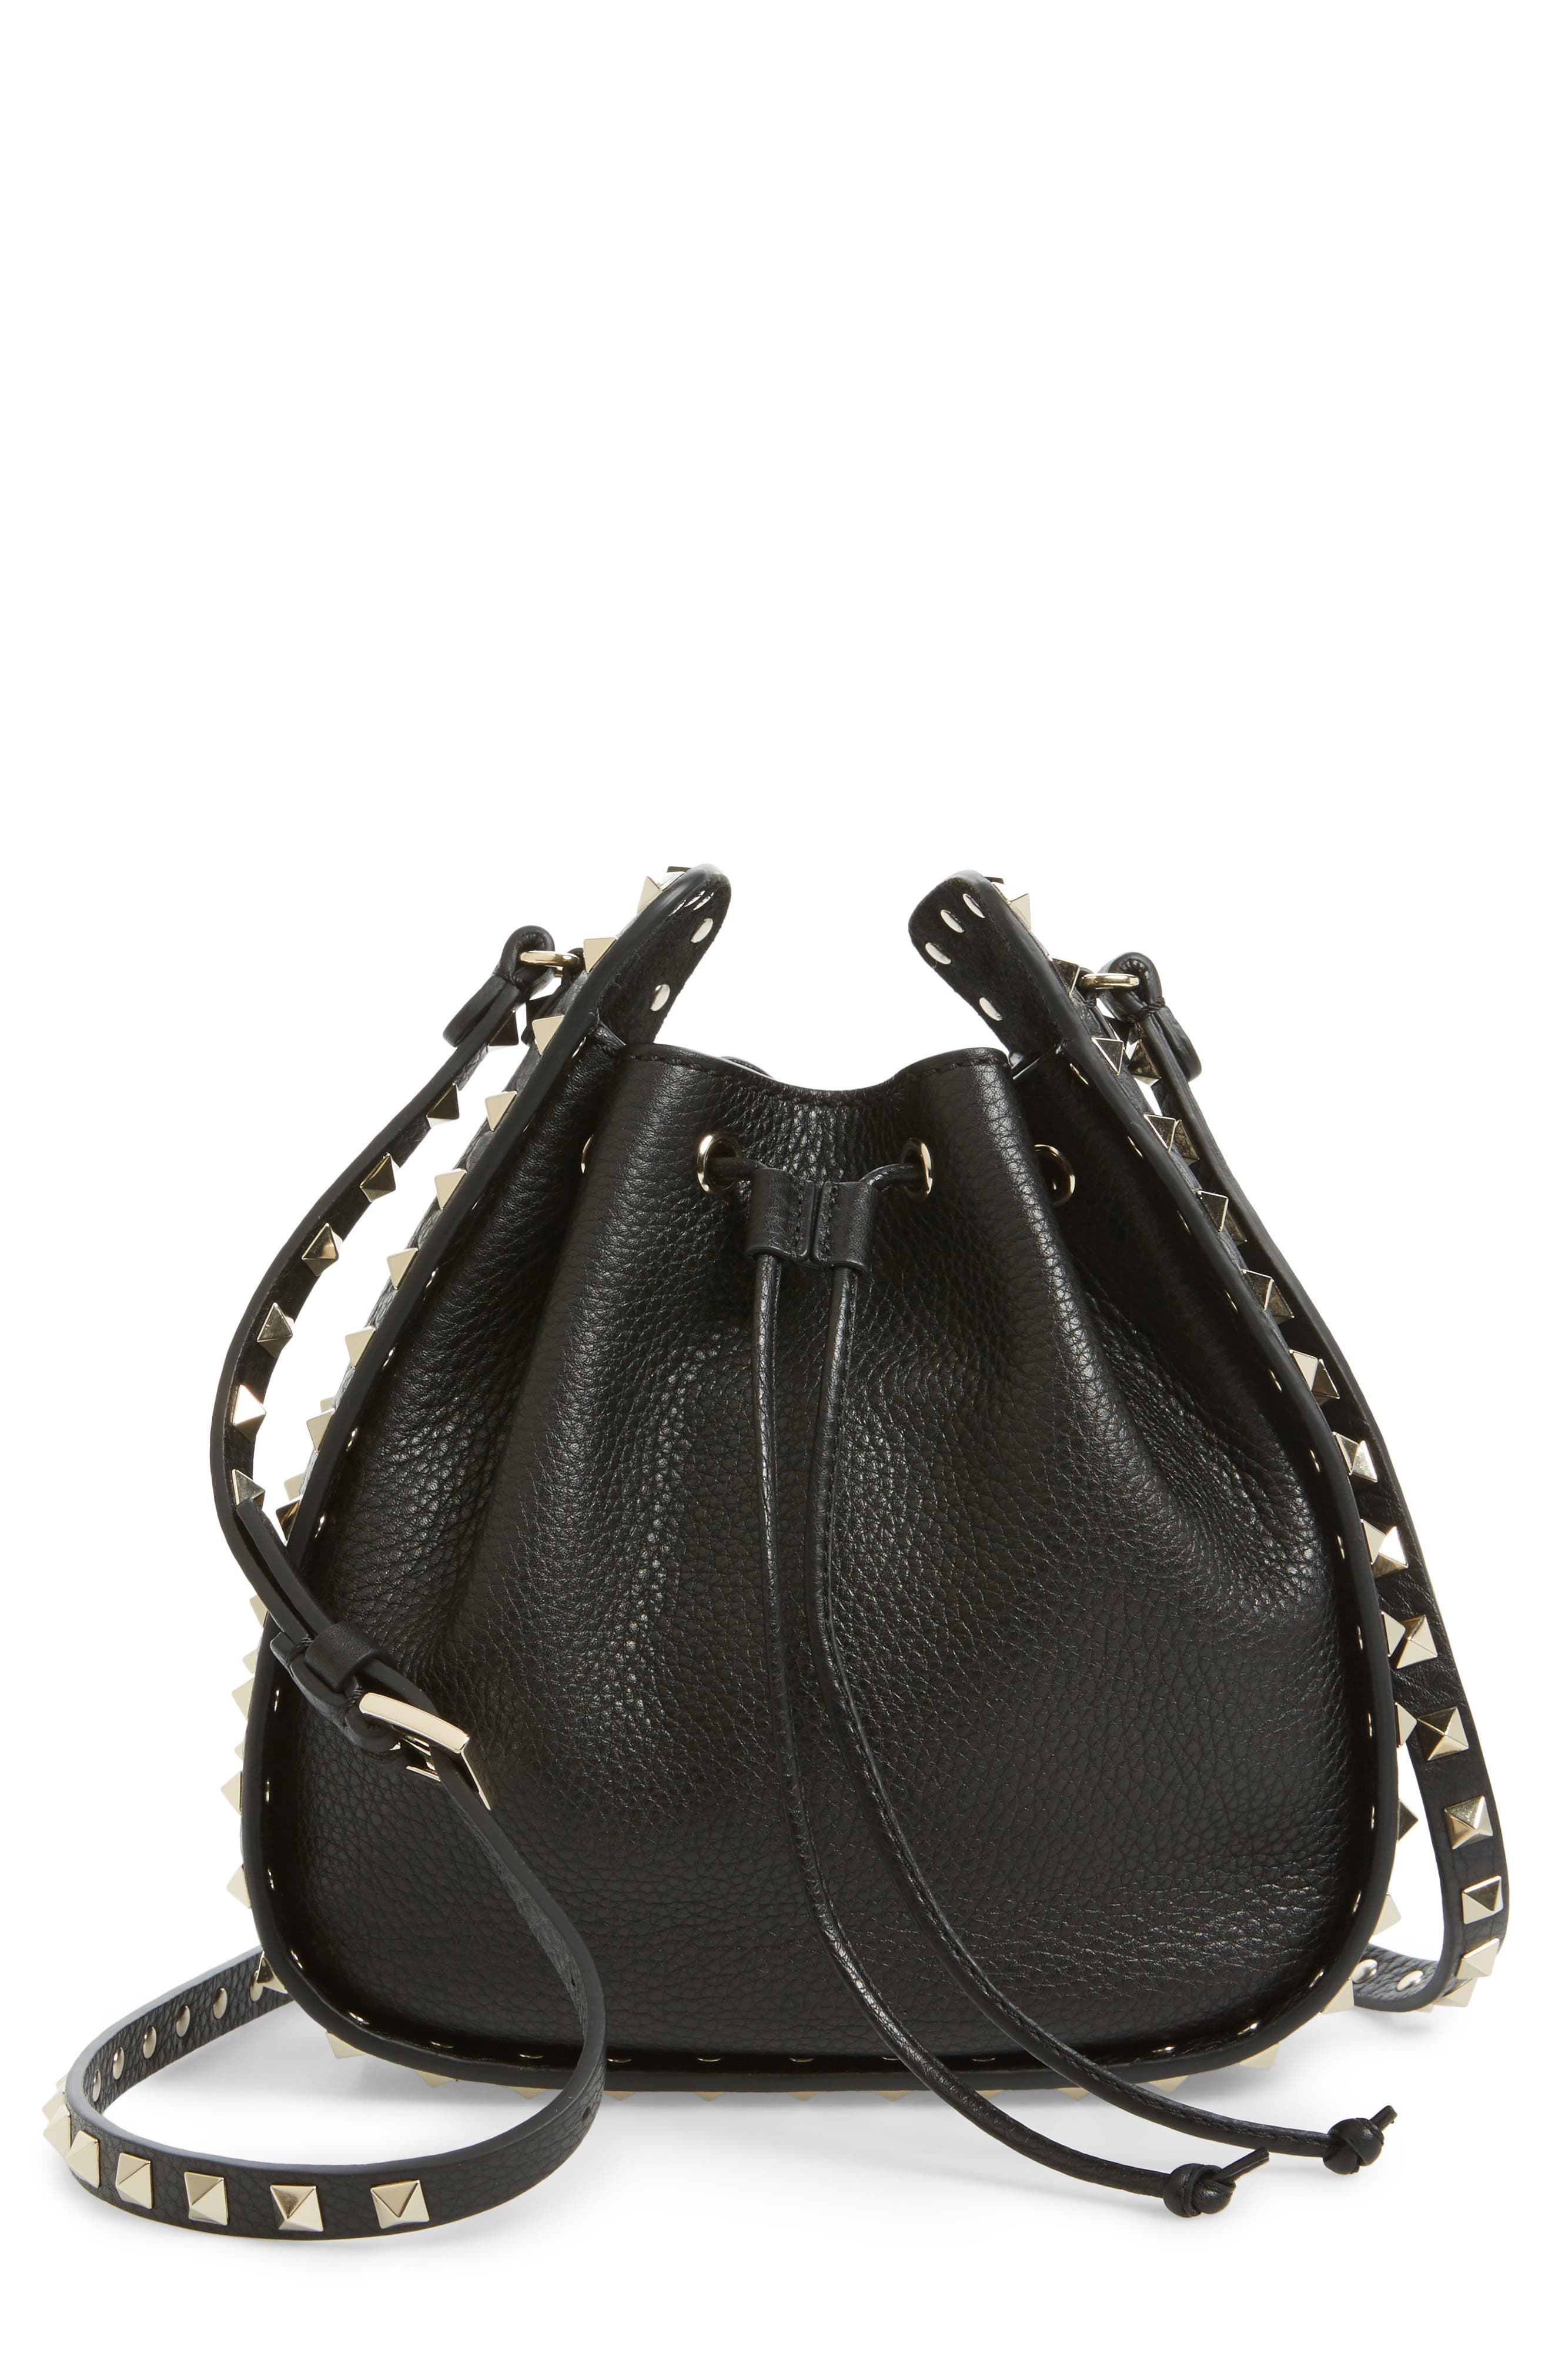 Main Image - VALENTINO GARAVANI Rockstud Leather Bucket Bag